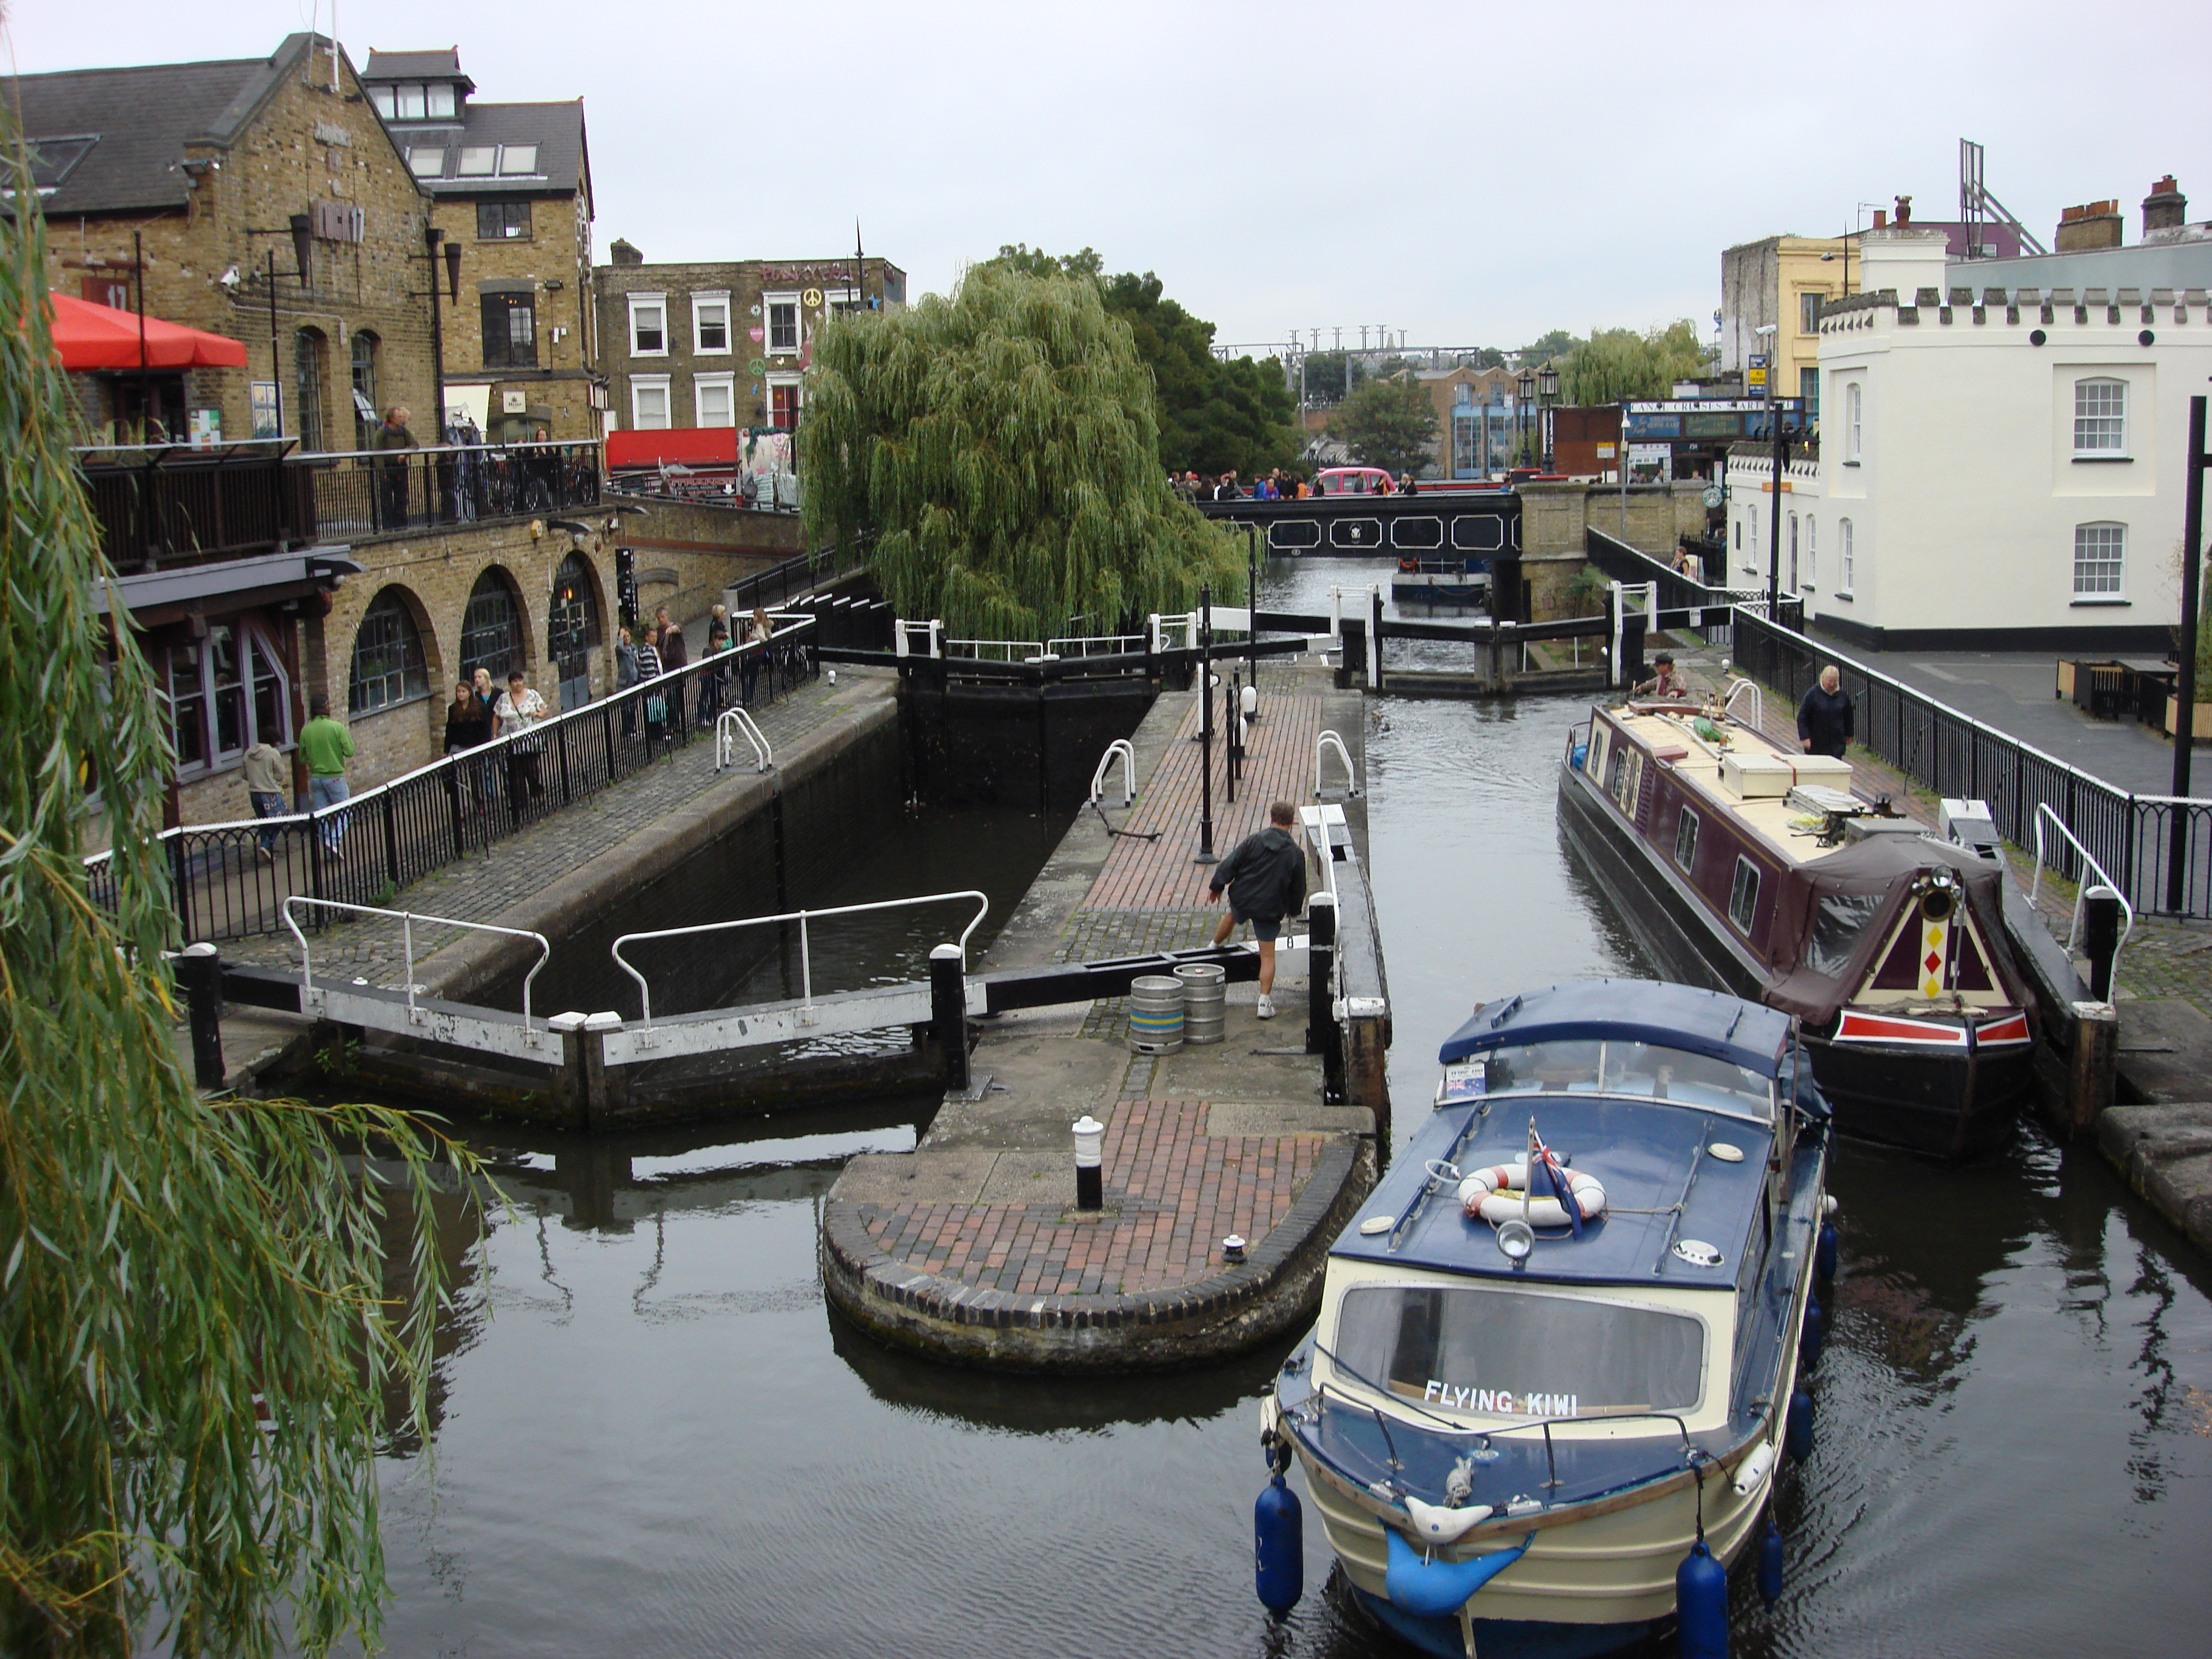 London camden esl resources for The camden